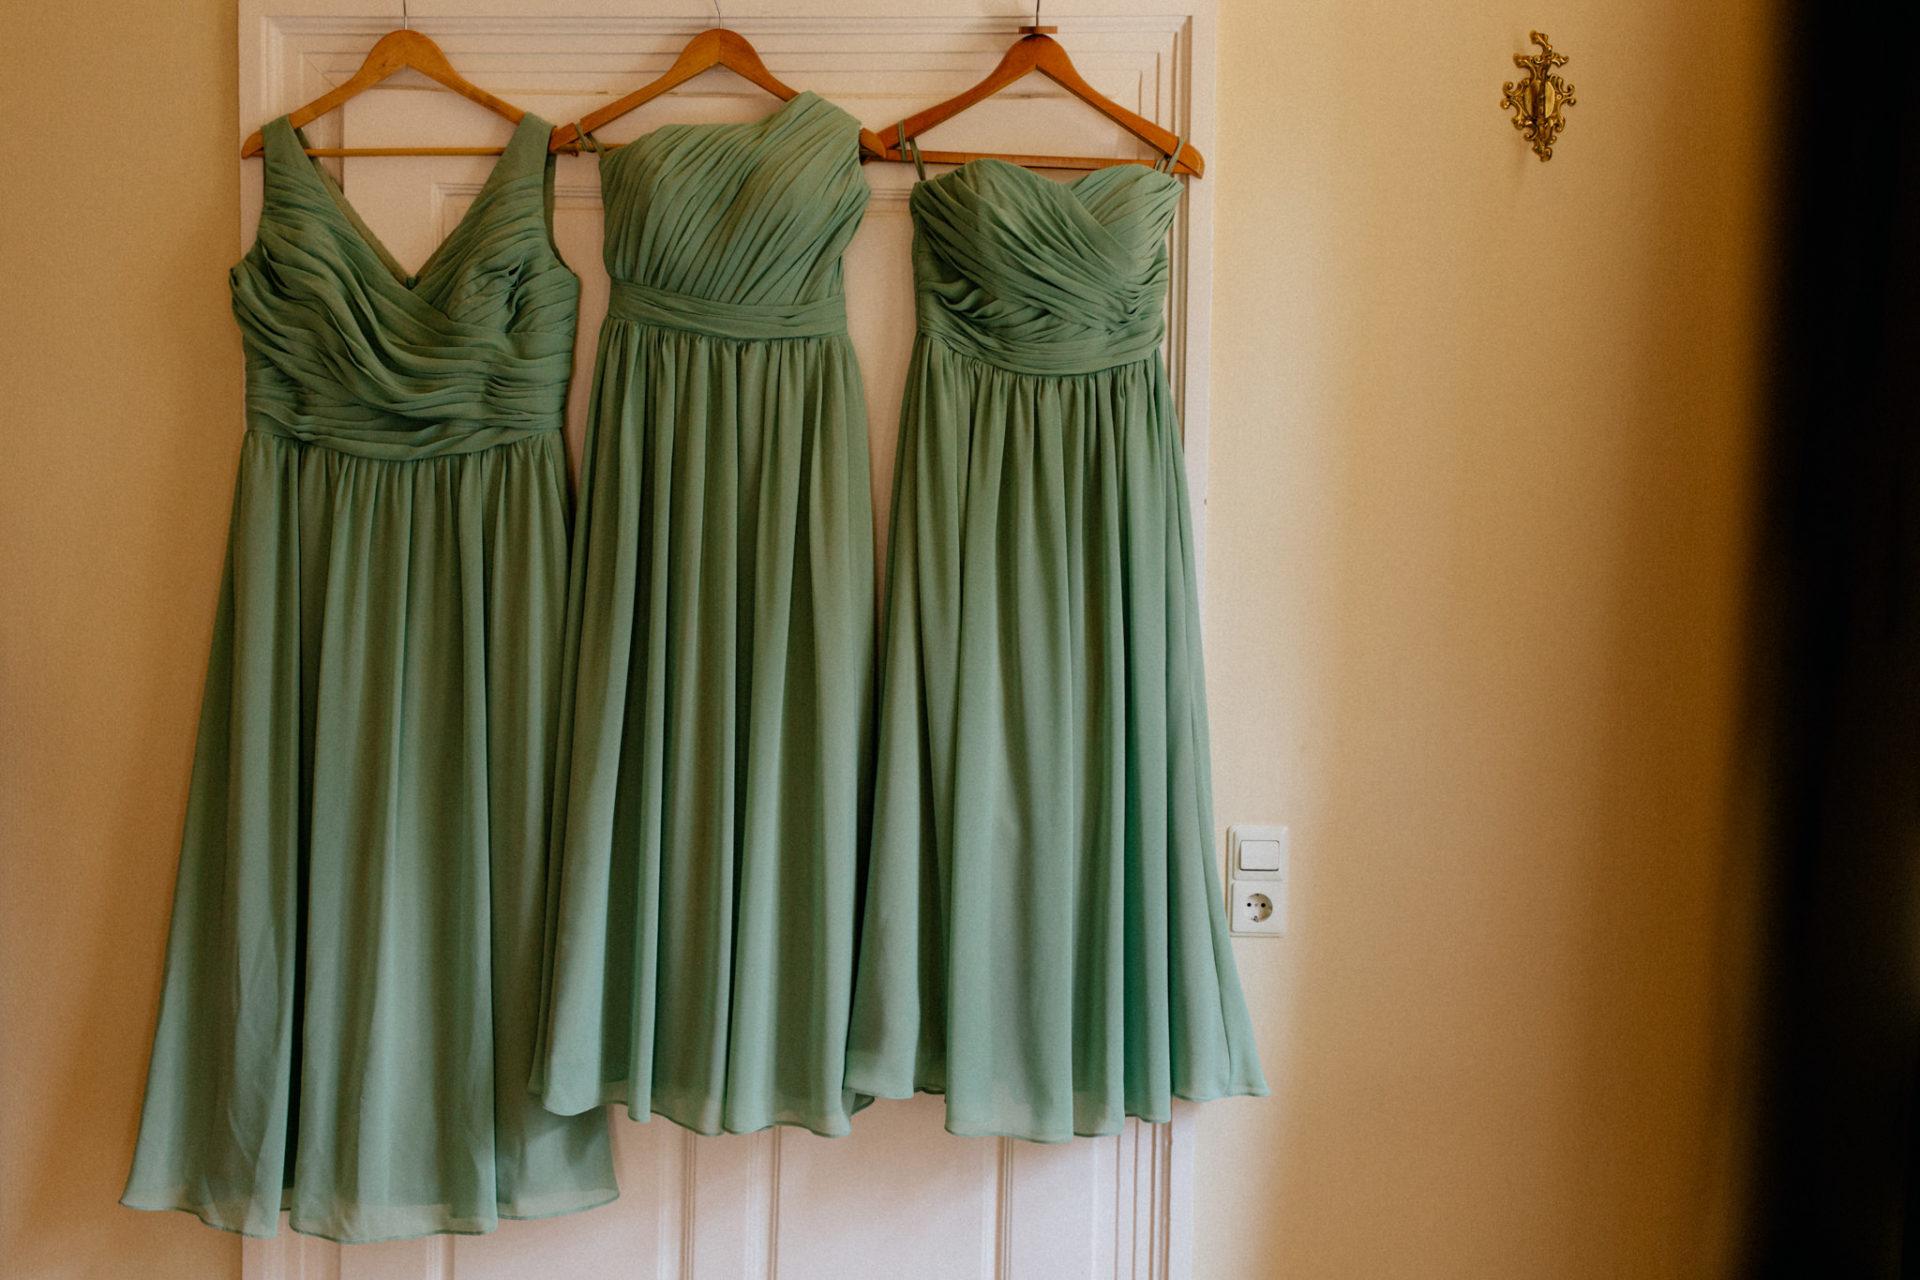 hochzeitsfotograf schloss heinsheim-elegant heiraten-bridal party-Getting Ready Braut-Brautjunfernkleider